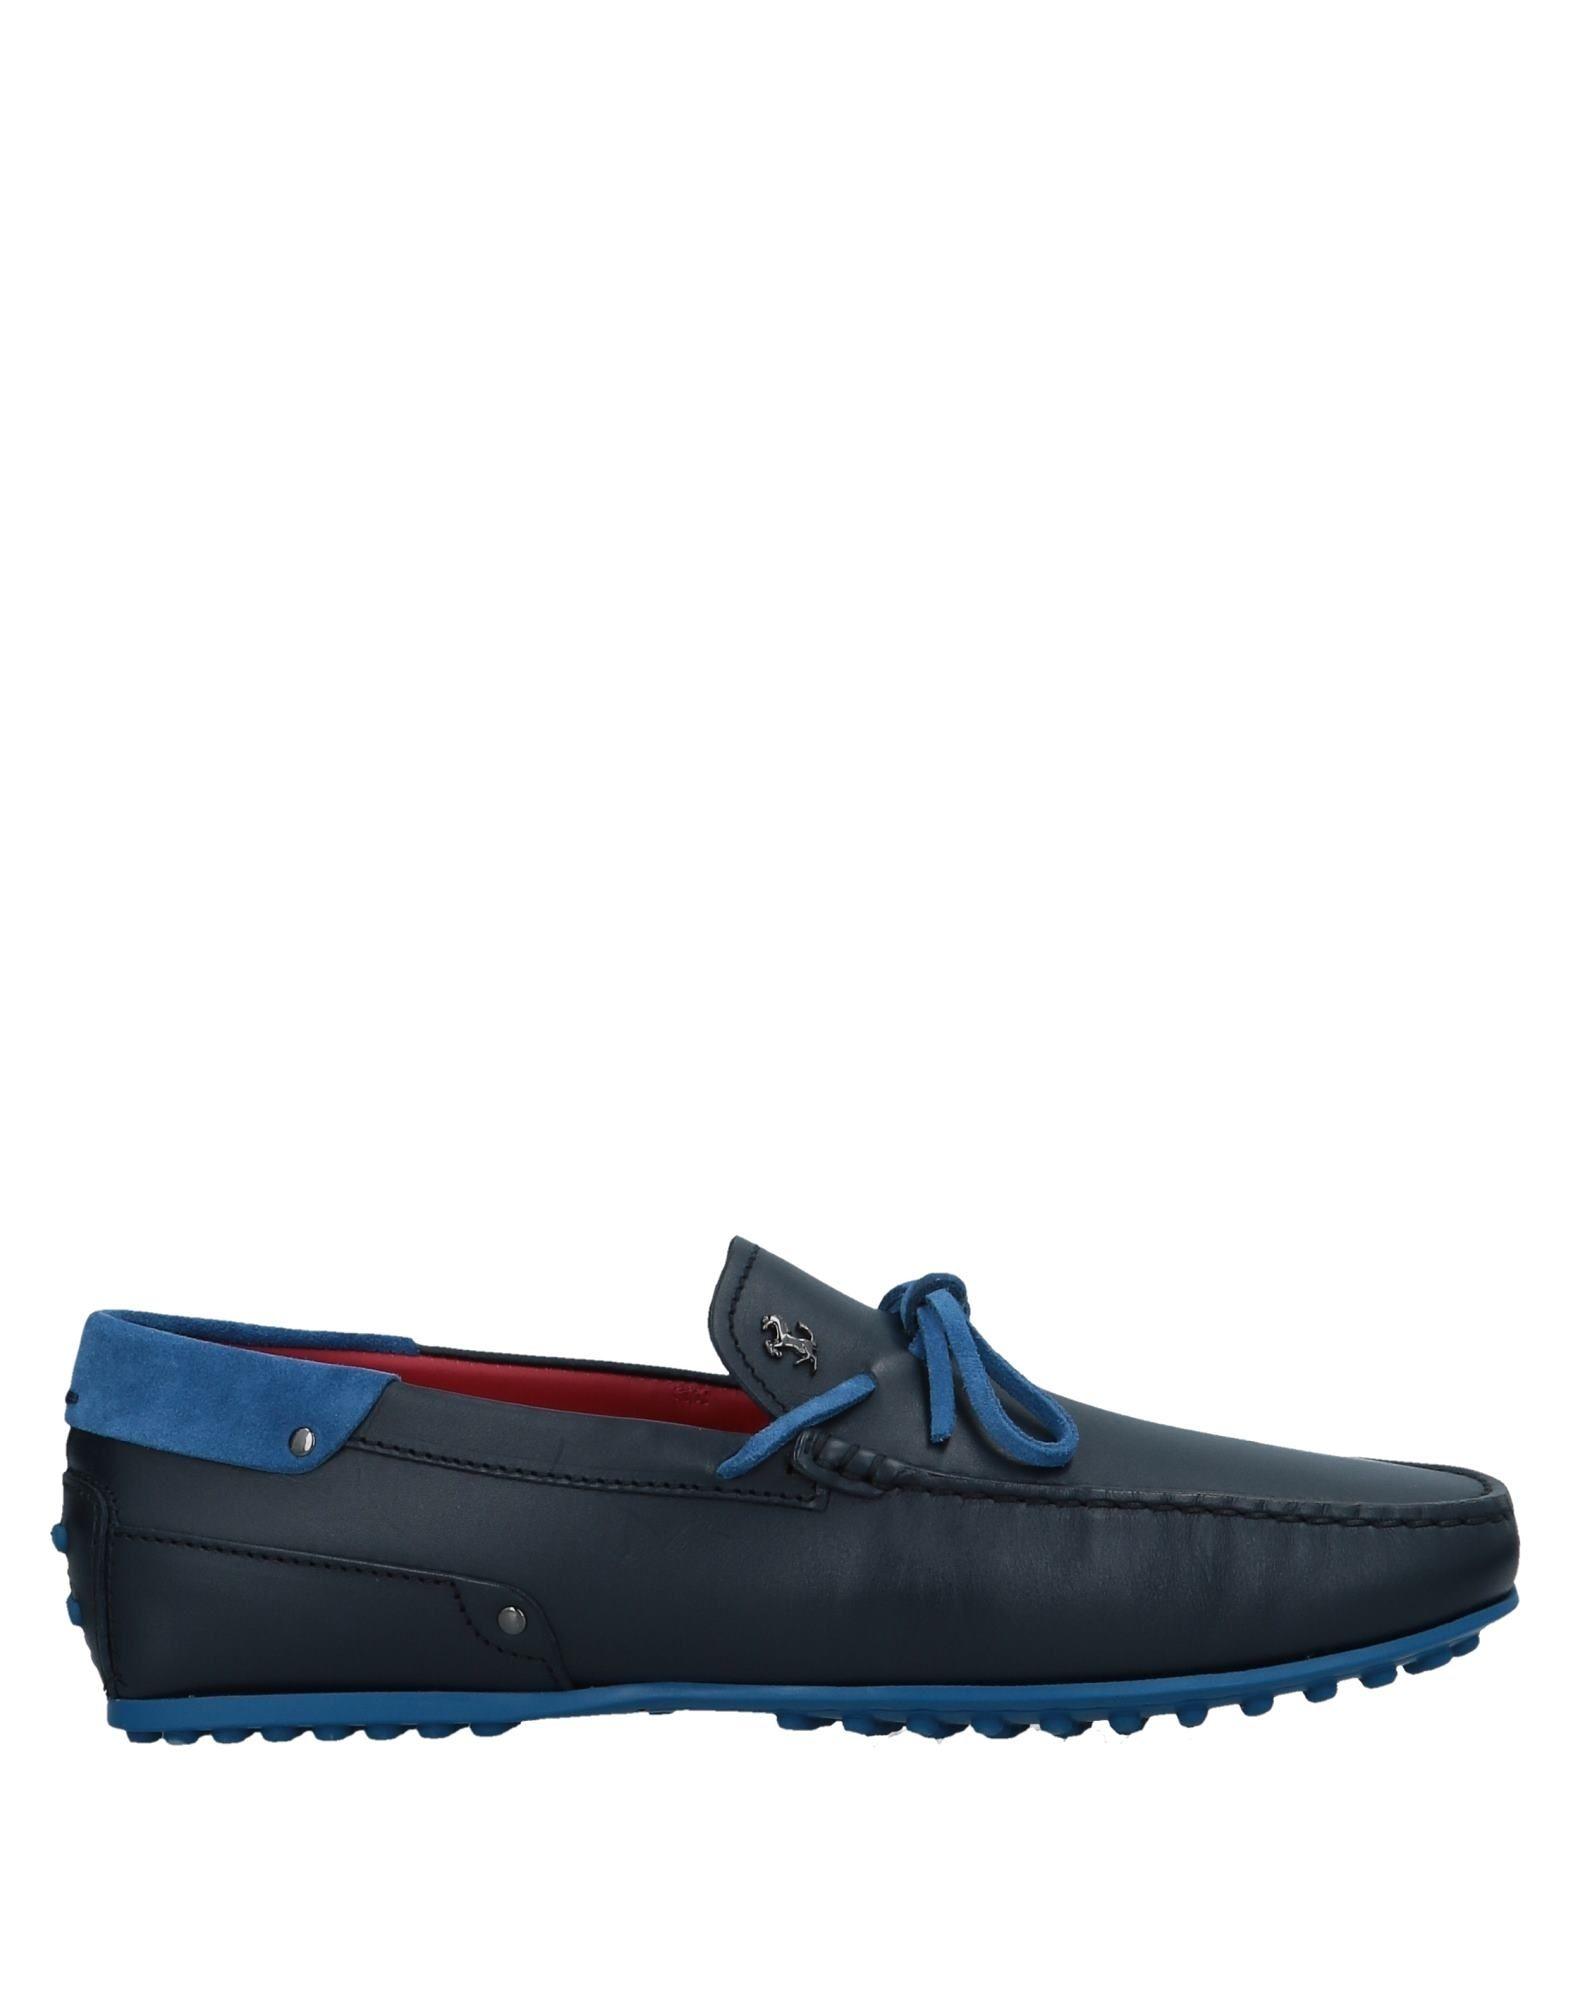 Tod's For Ferrari Mokassins Herren  11540690HD Gute Qualität beliebte Schuhe